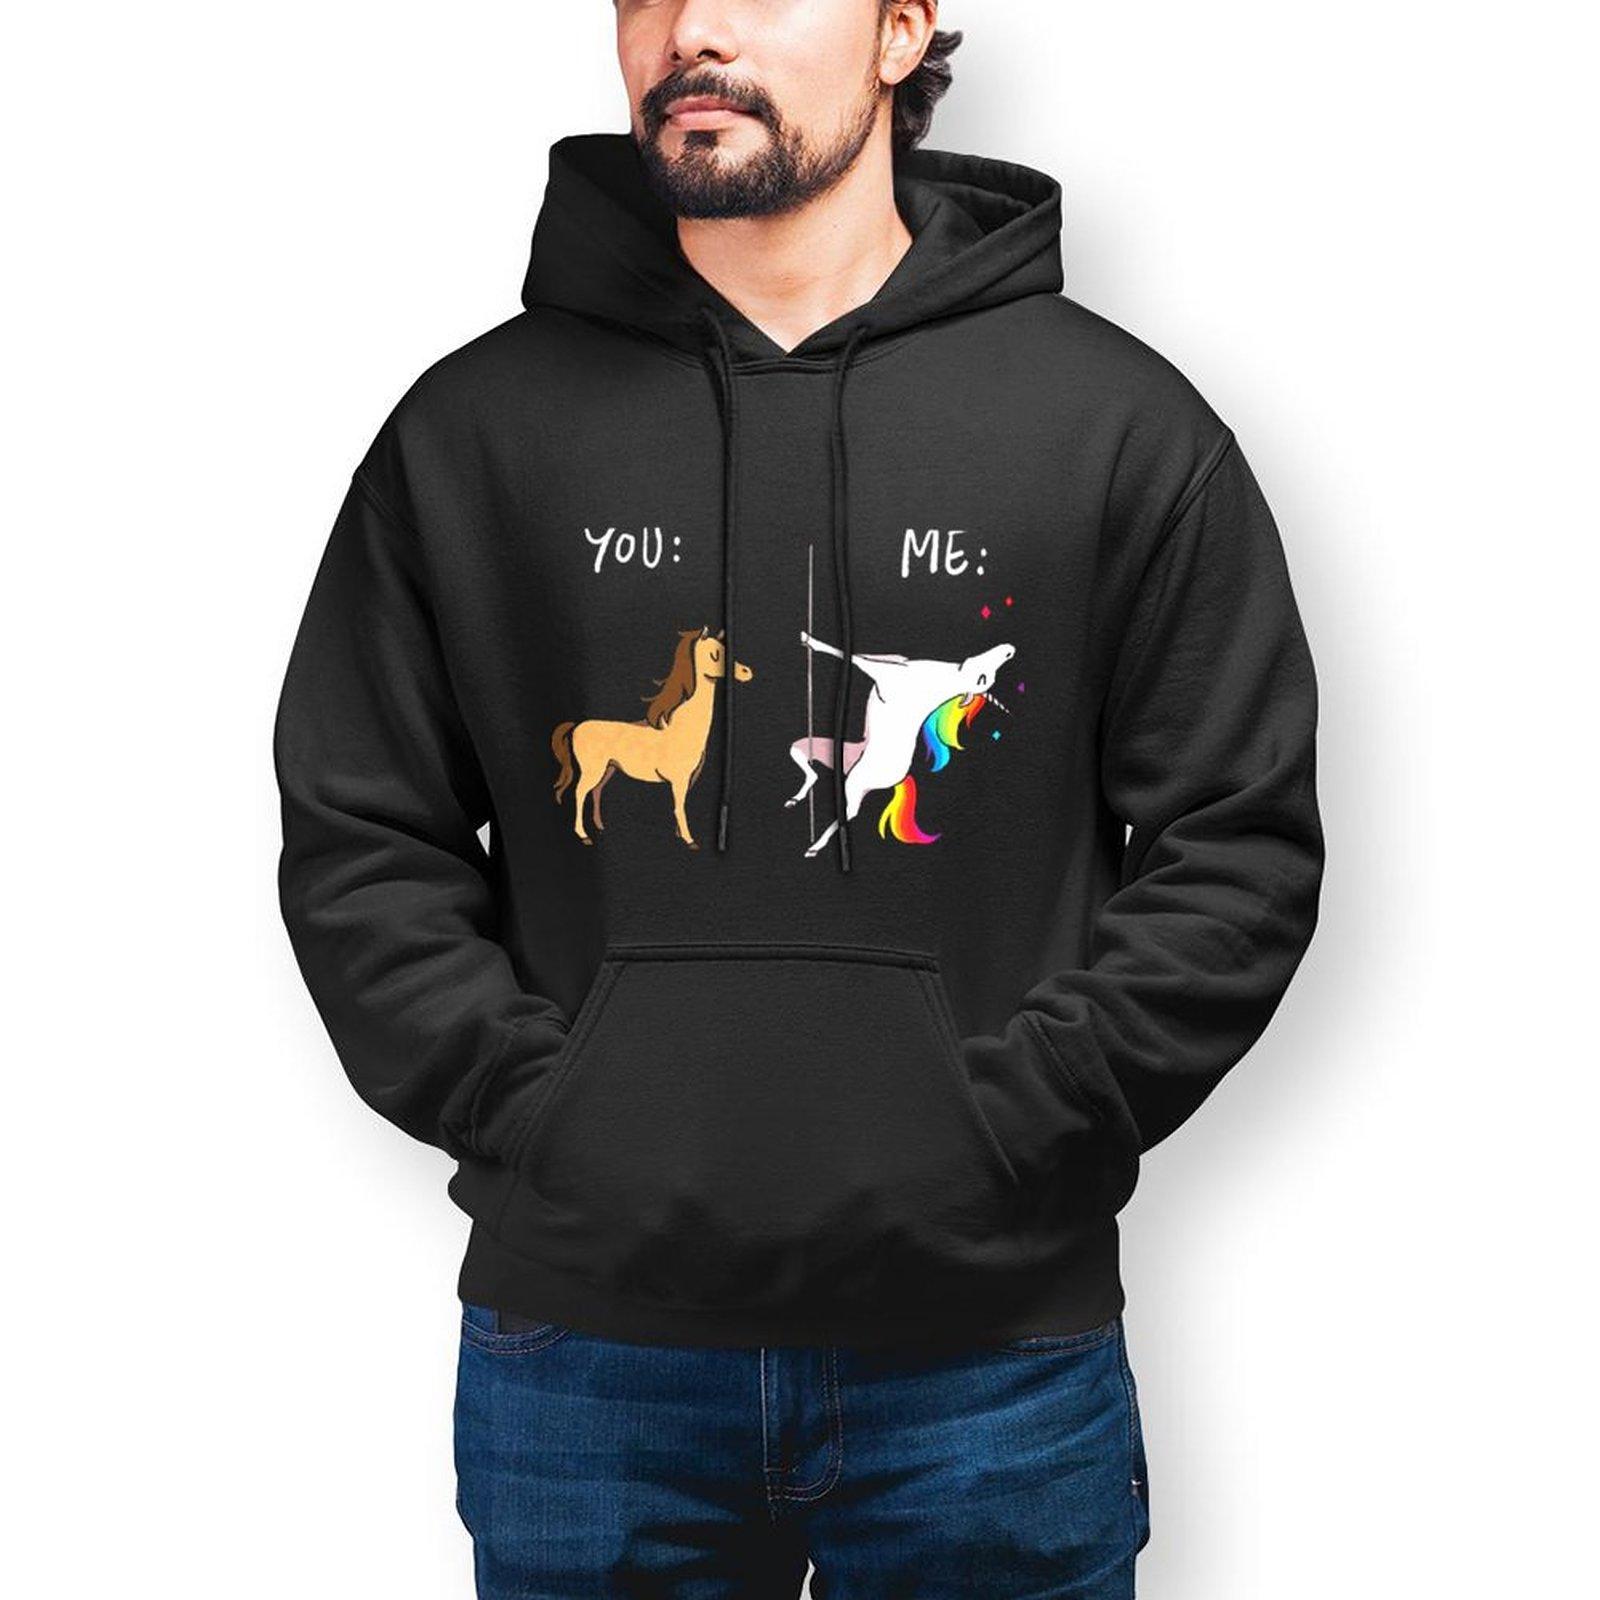 Толстовка с капюшоном с изображением лошади, хлопковый пуловер для улицы, толстовка, зимняя длинная Крутая толстовка для мужчин XL